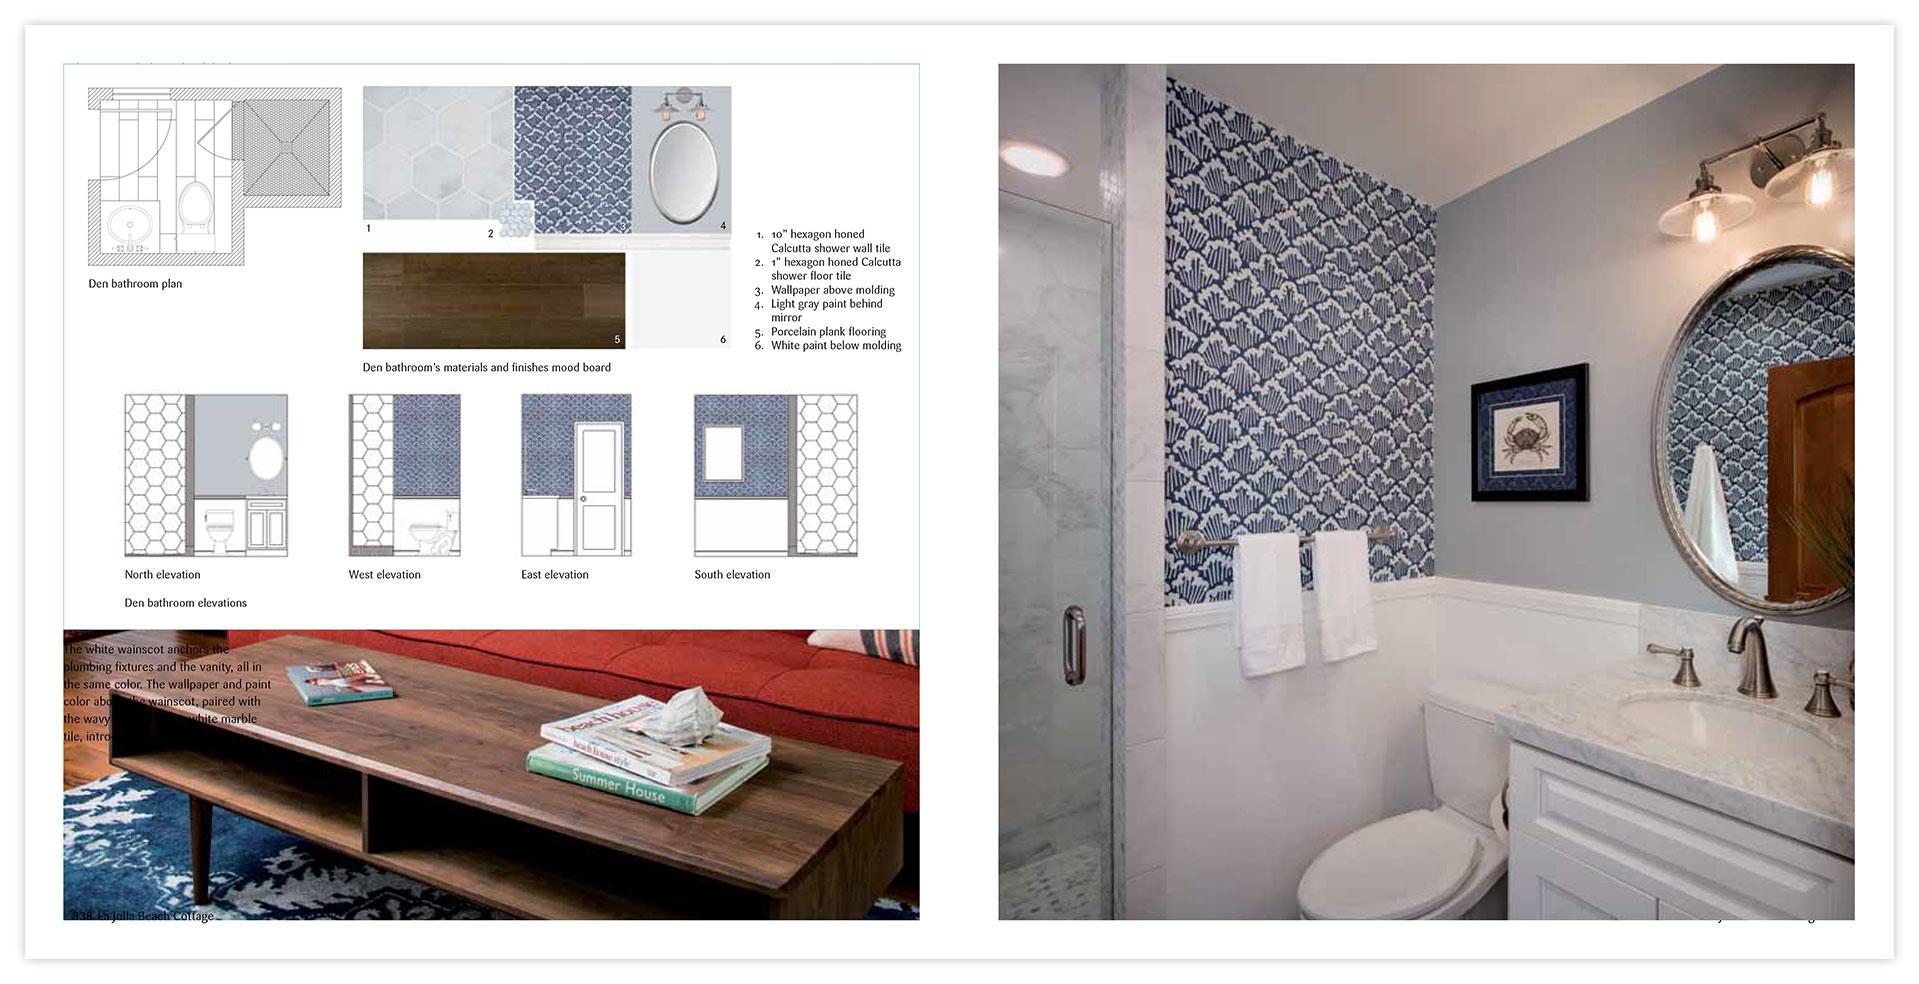 6_150BestInteriorDesignIdeas   Corine Maggio Natural Designs